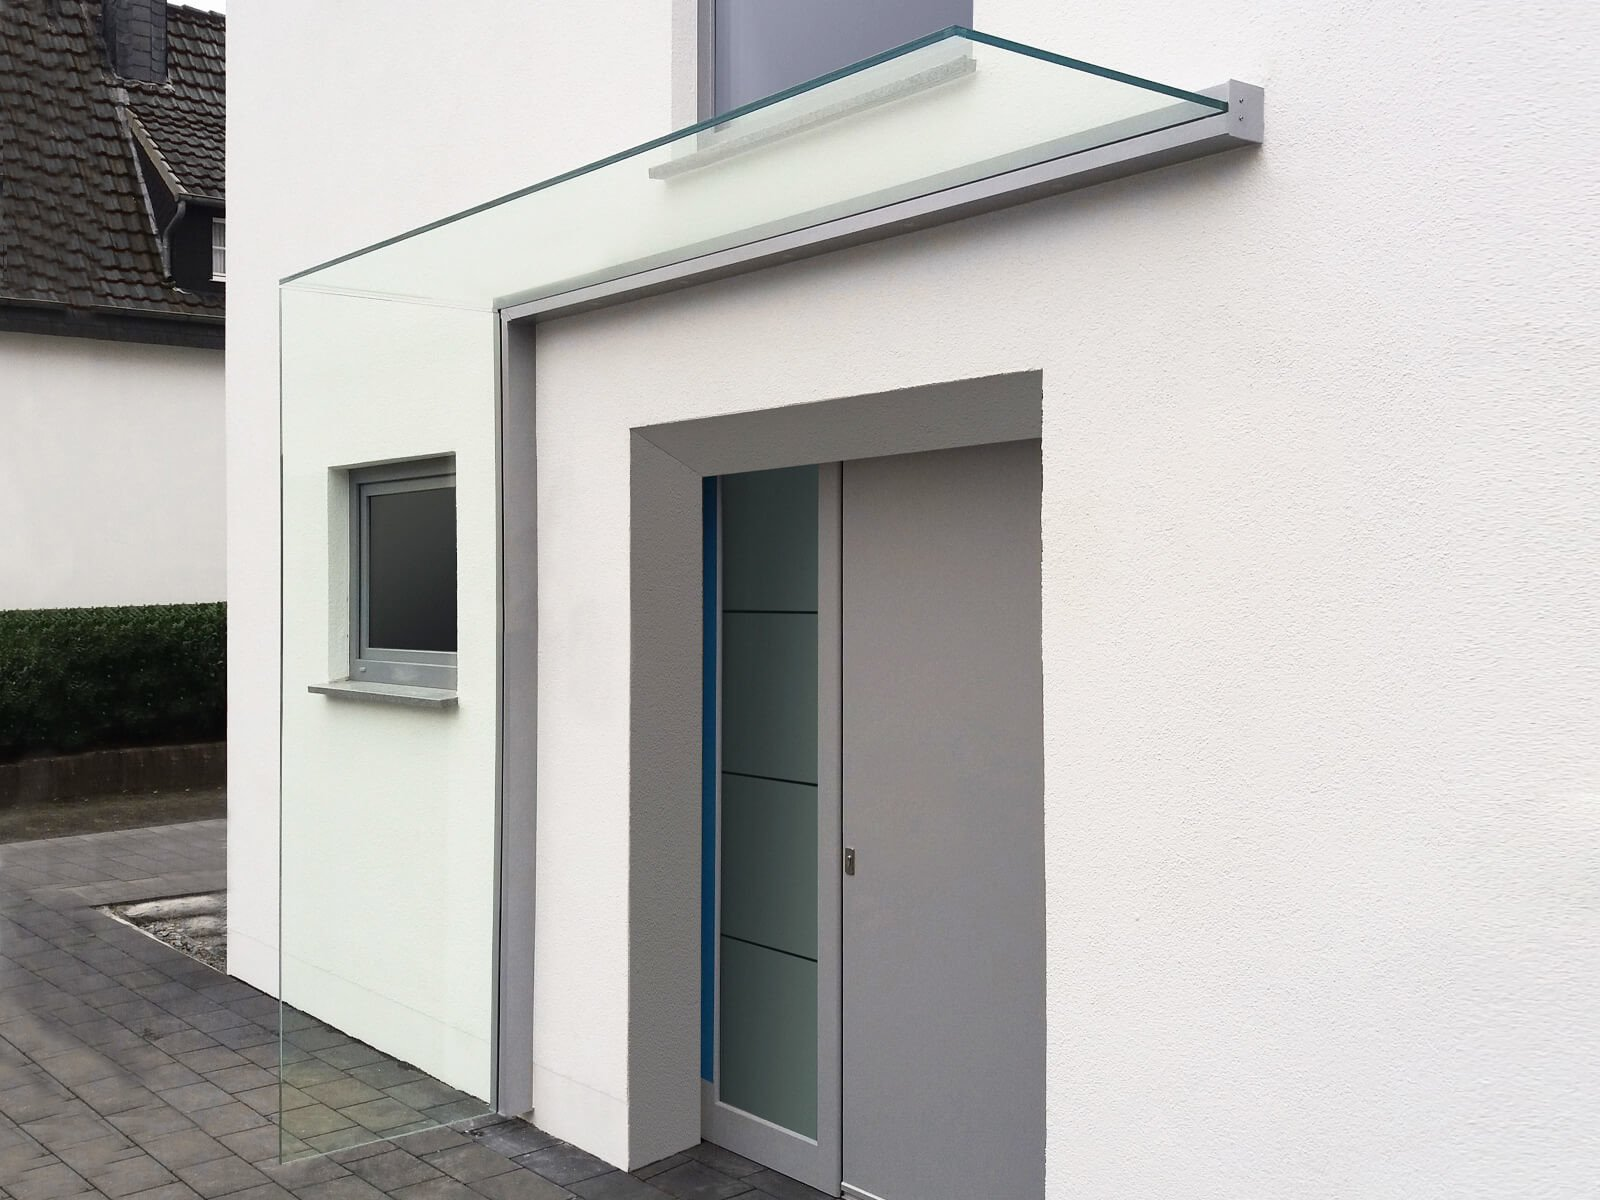 Vordach mit Seitenteil aus Glas